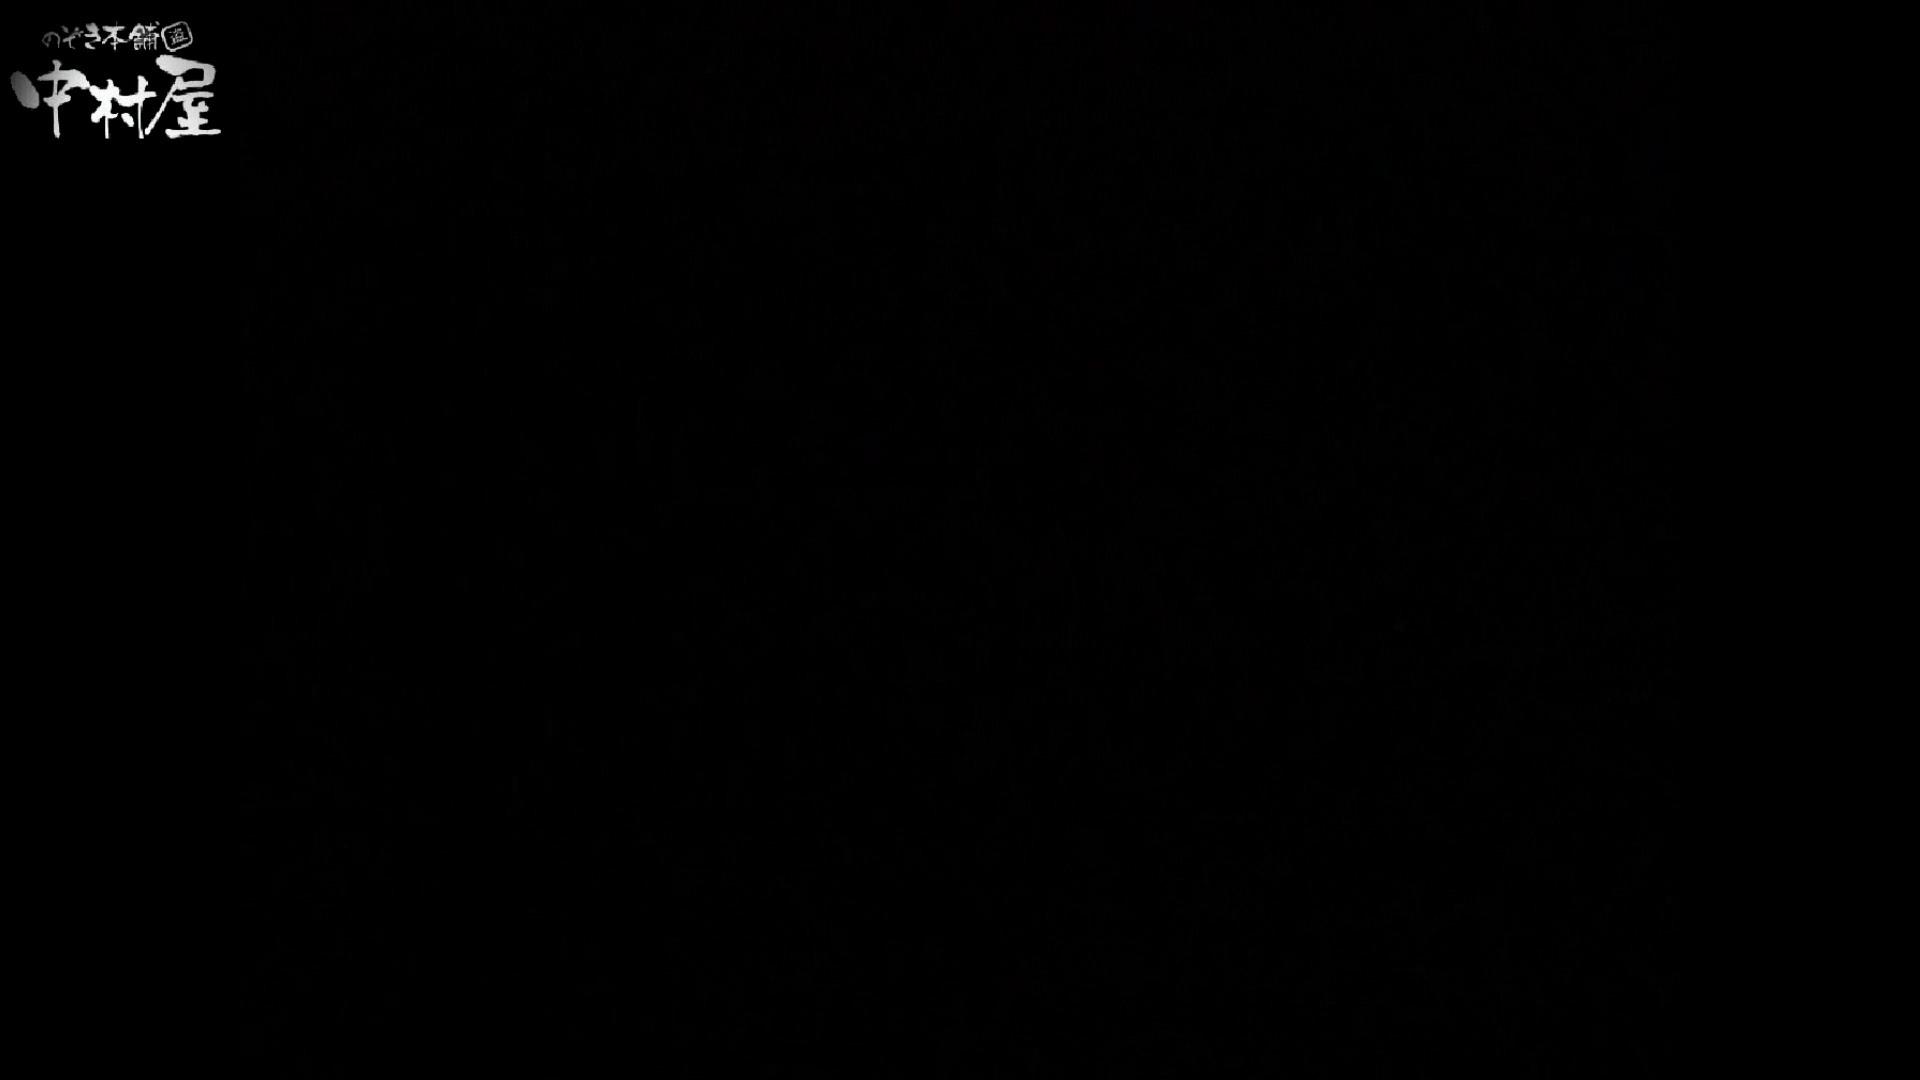 民家風呂専門盗撮師の超危険映像 vol.010 美少女のエロ生活 | 民家  90連発 25